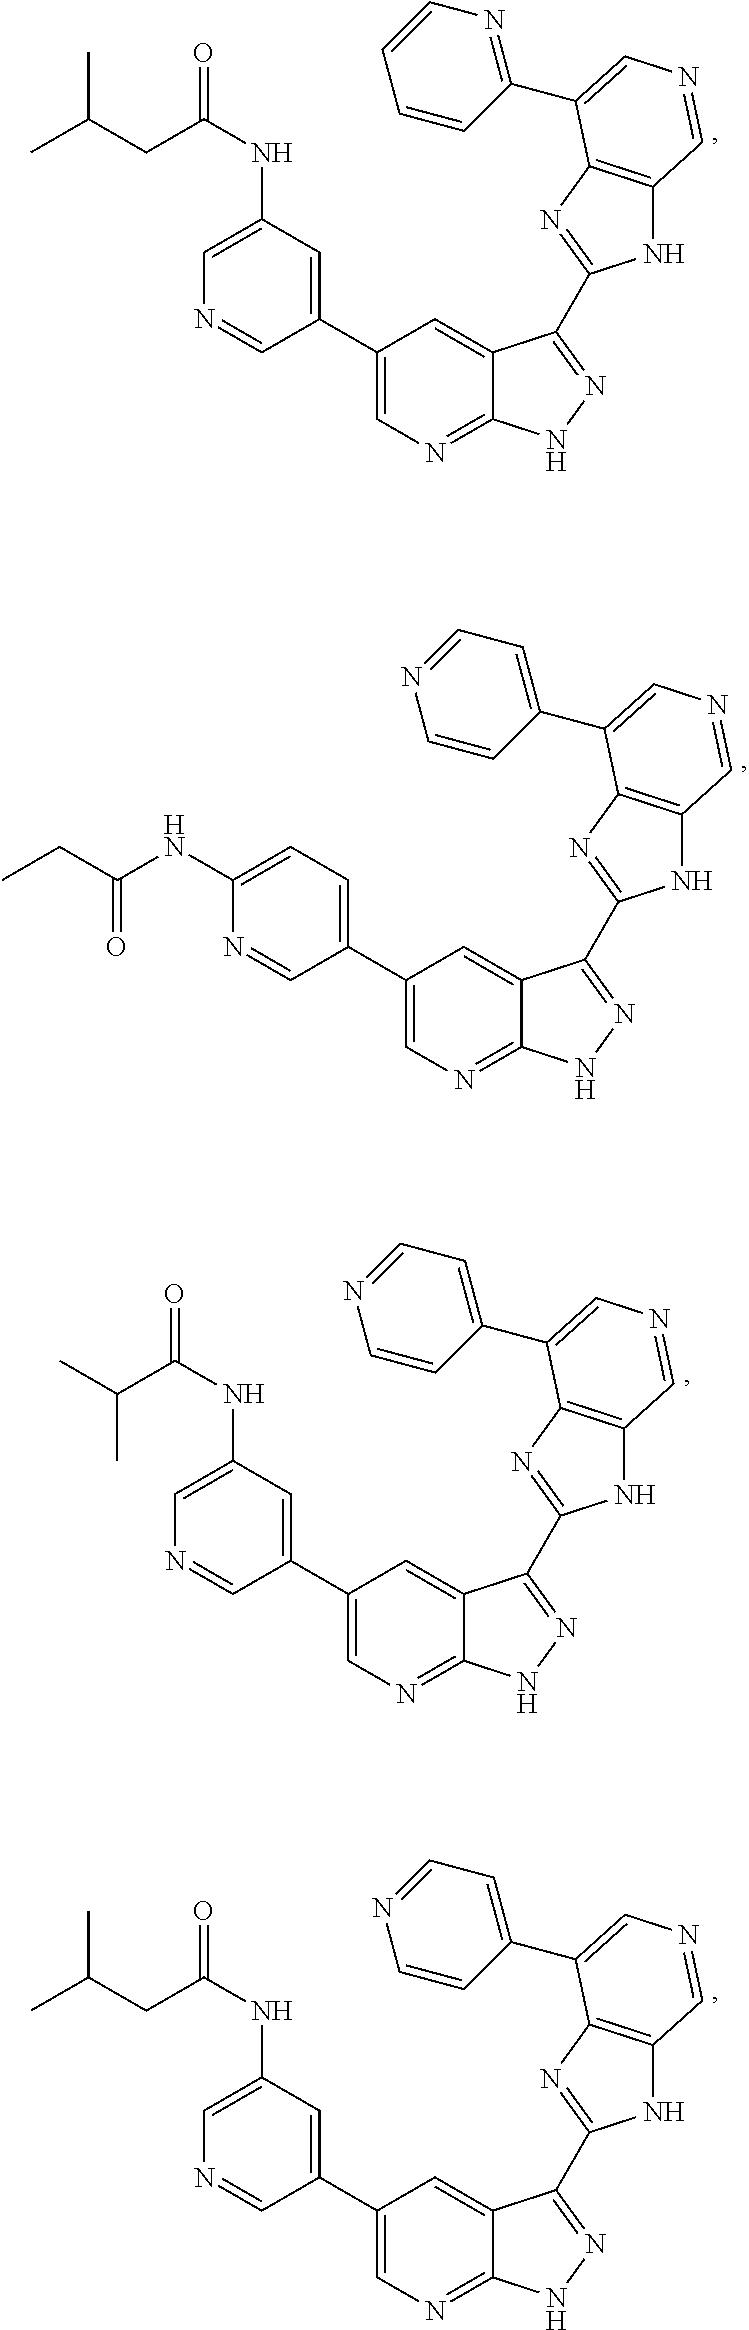 Figure US08618128-20131231-C00035